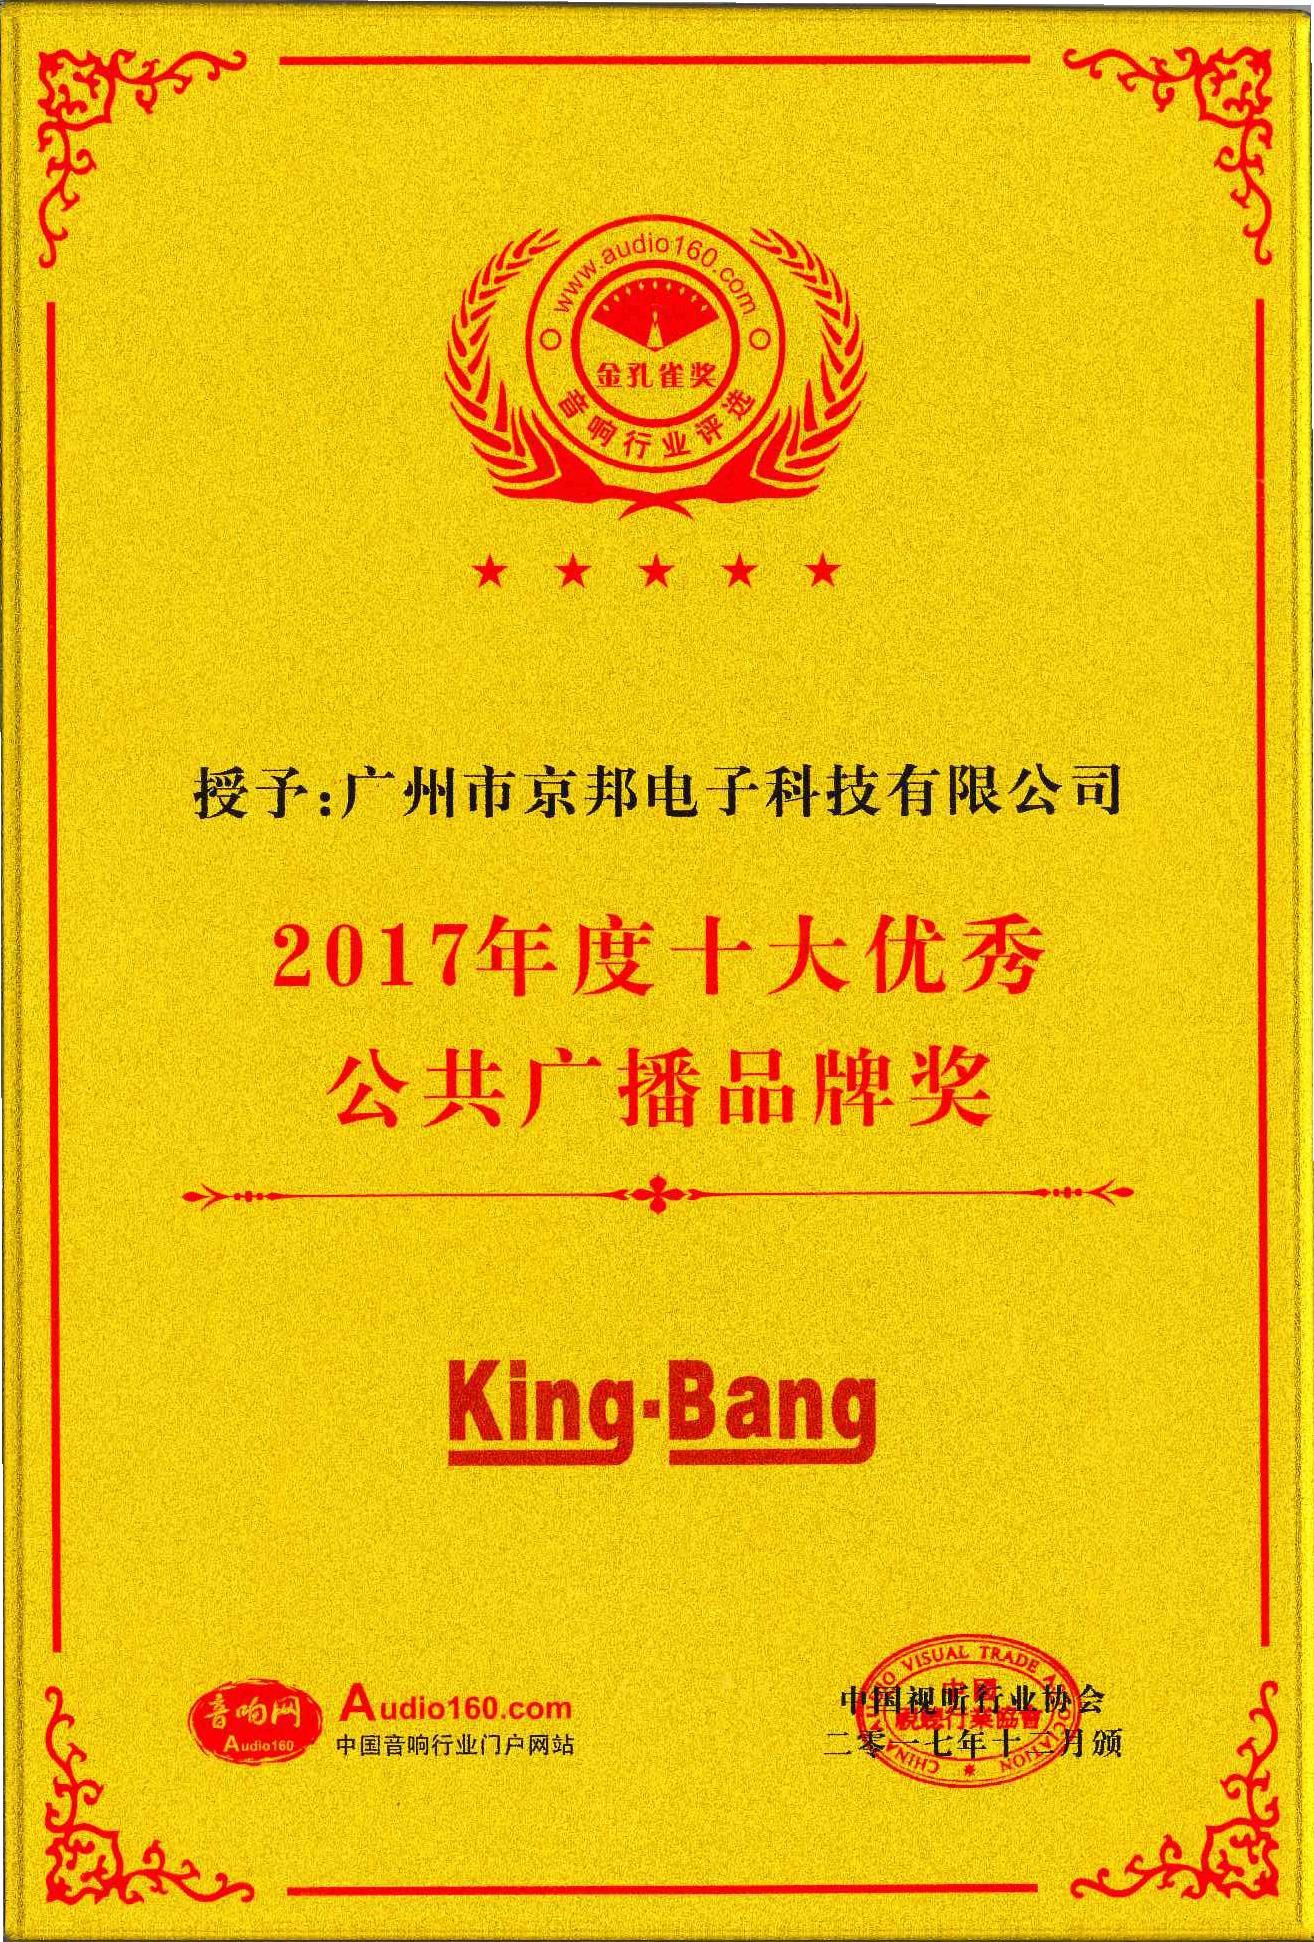 京邦2017年十大优秀公共广播品牌